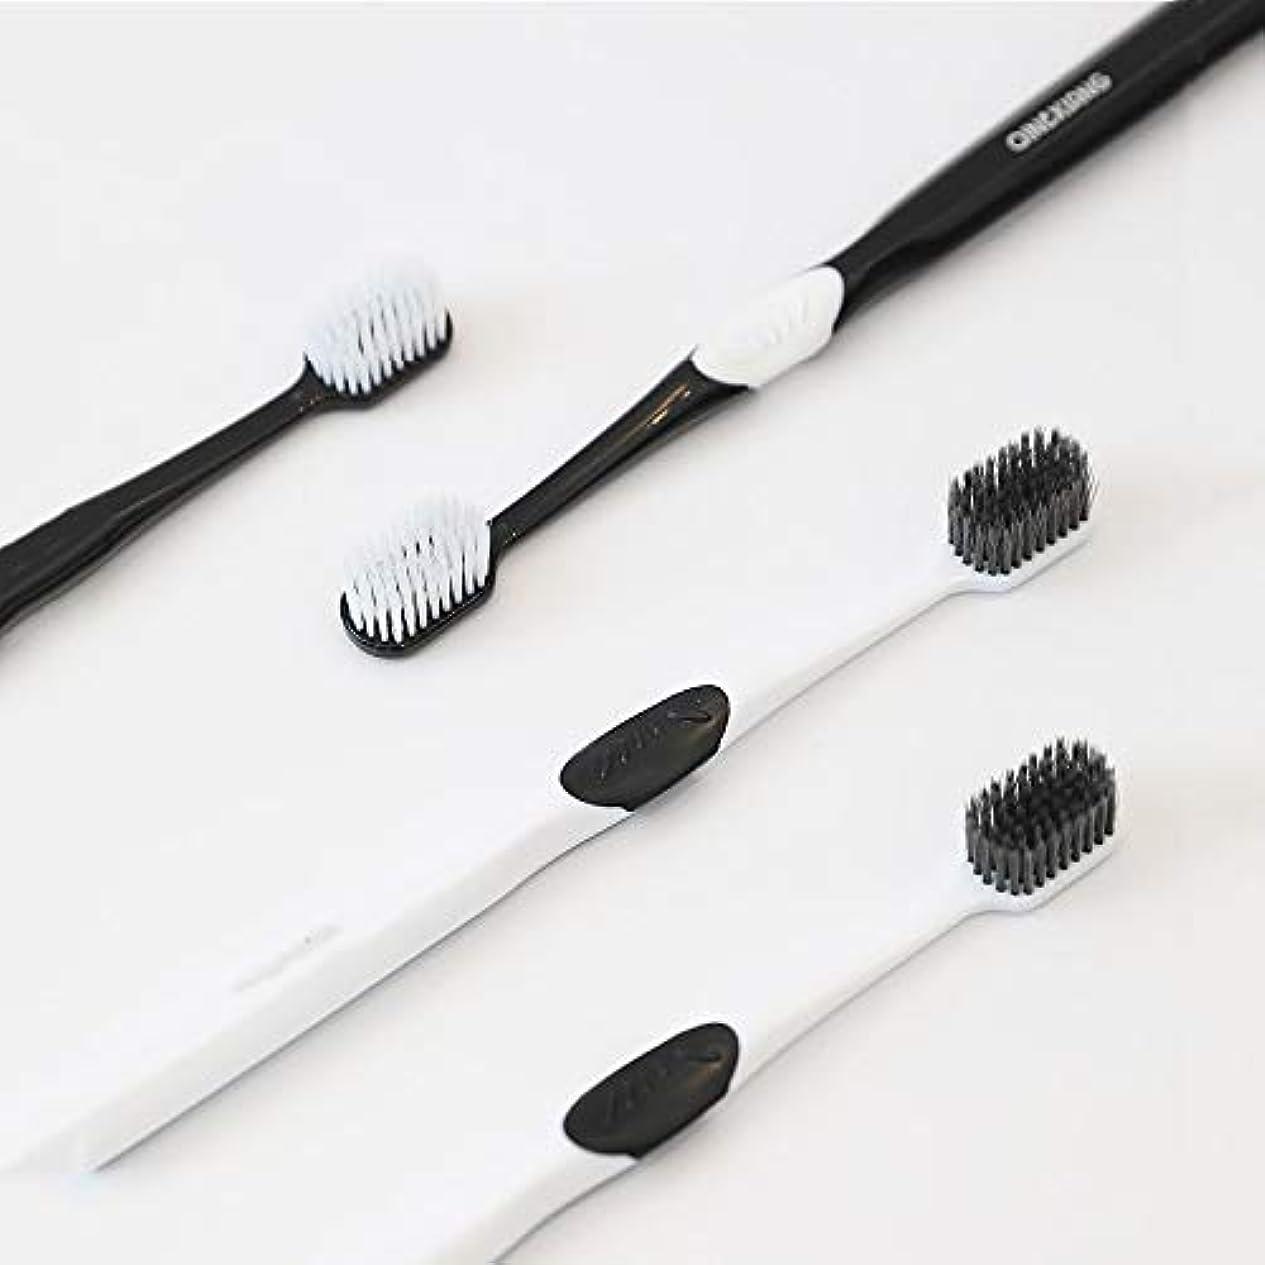 摂動原子ディレイ歯ブラシ 8本の歯ブラシ、歯茎のための新しい小さなブラシヘッド歯ブラシ、バルクアダルトソフト毛先歯ブラシ、ケア HL (サイズ : 8 packs)